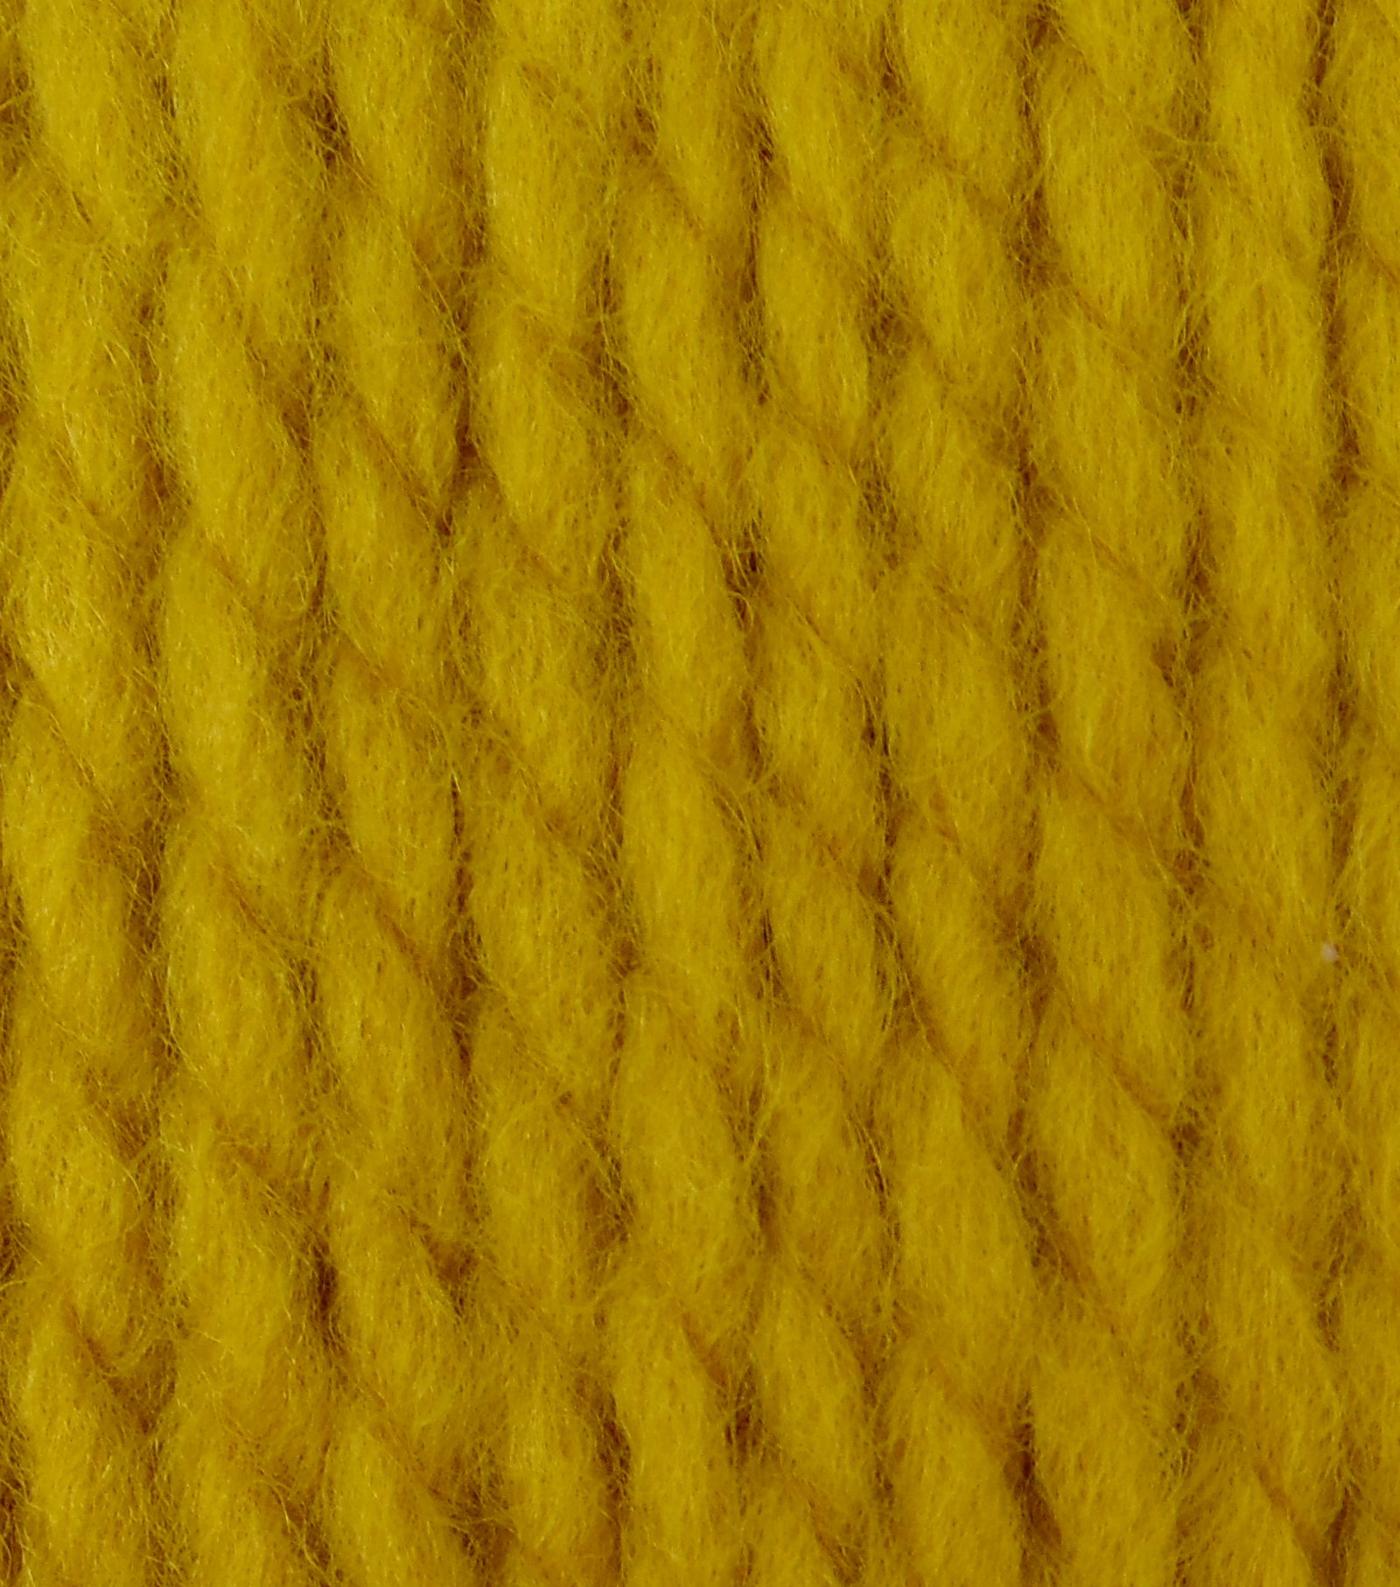 Big Twist Yarn Patterns Awesome Decorating Ideas